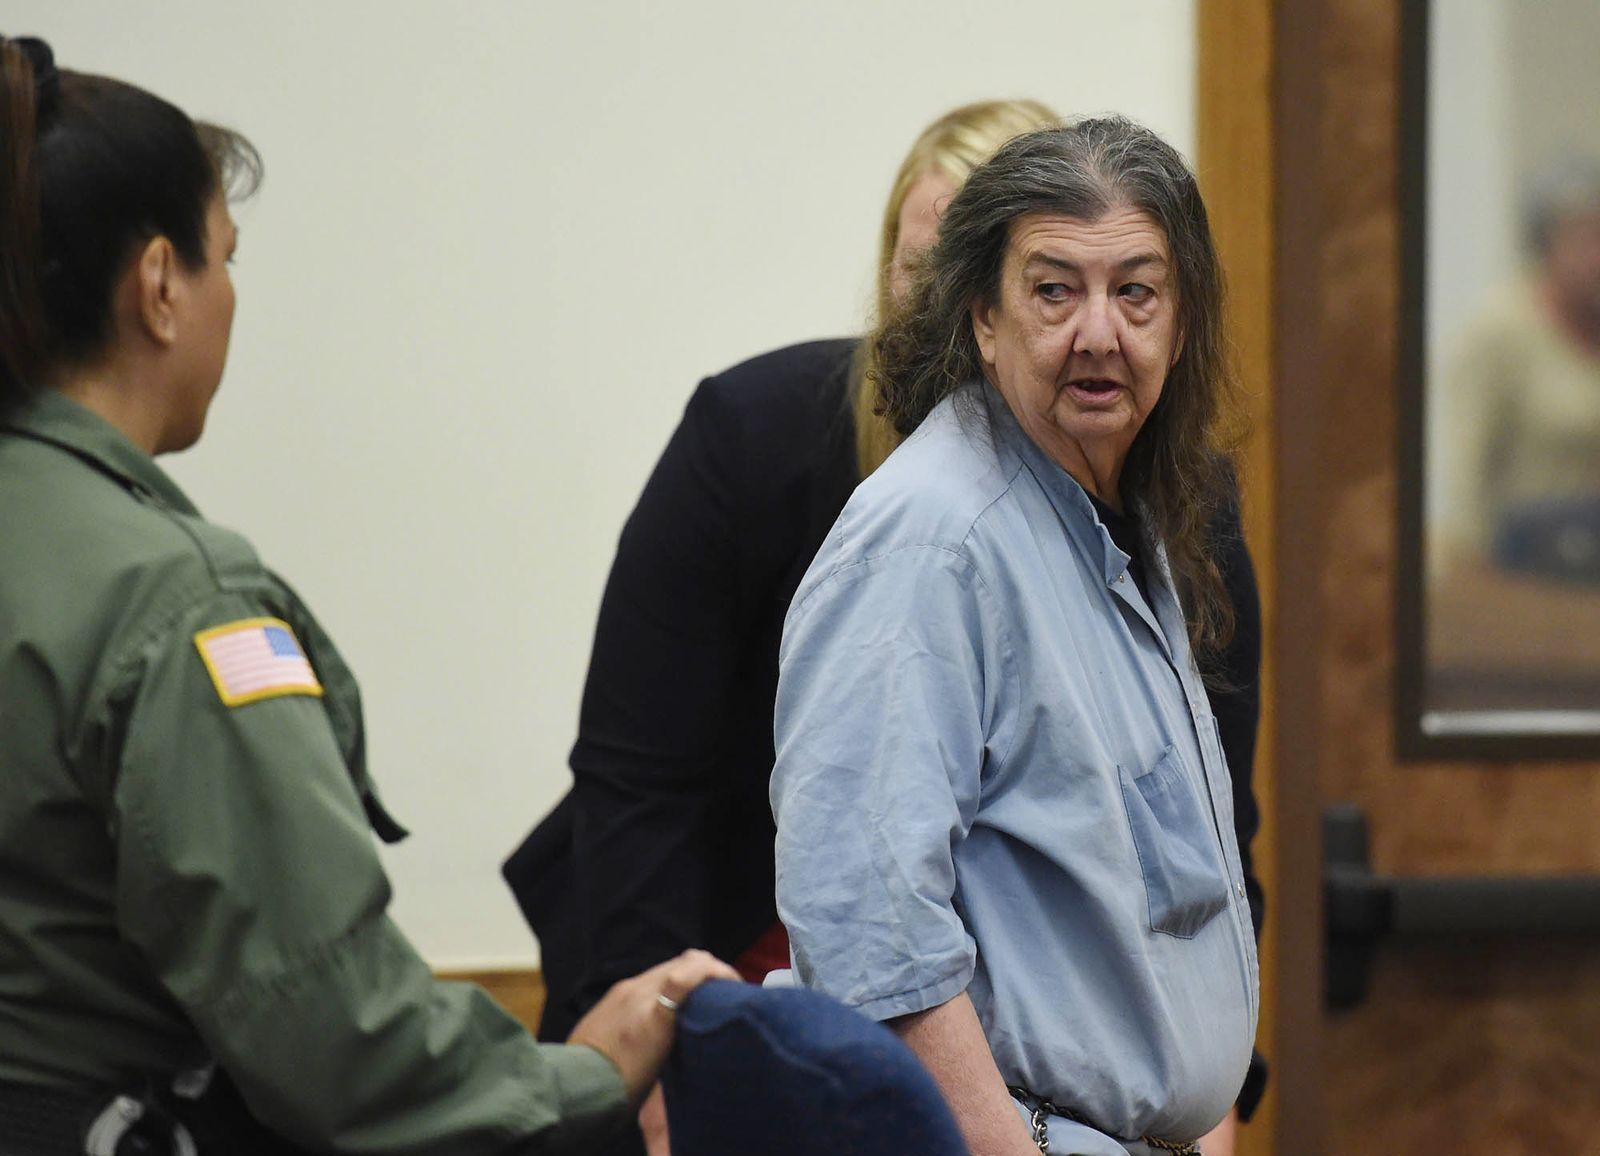 EINMALIGE VERWENDUNG Gefängnis/ unschuldig/ Cathy Woods/ USA